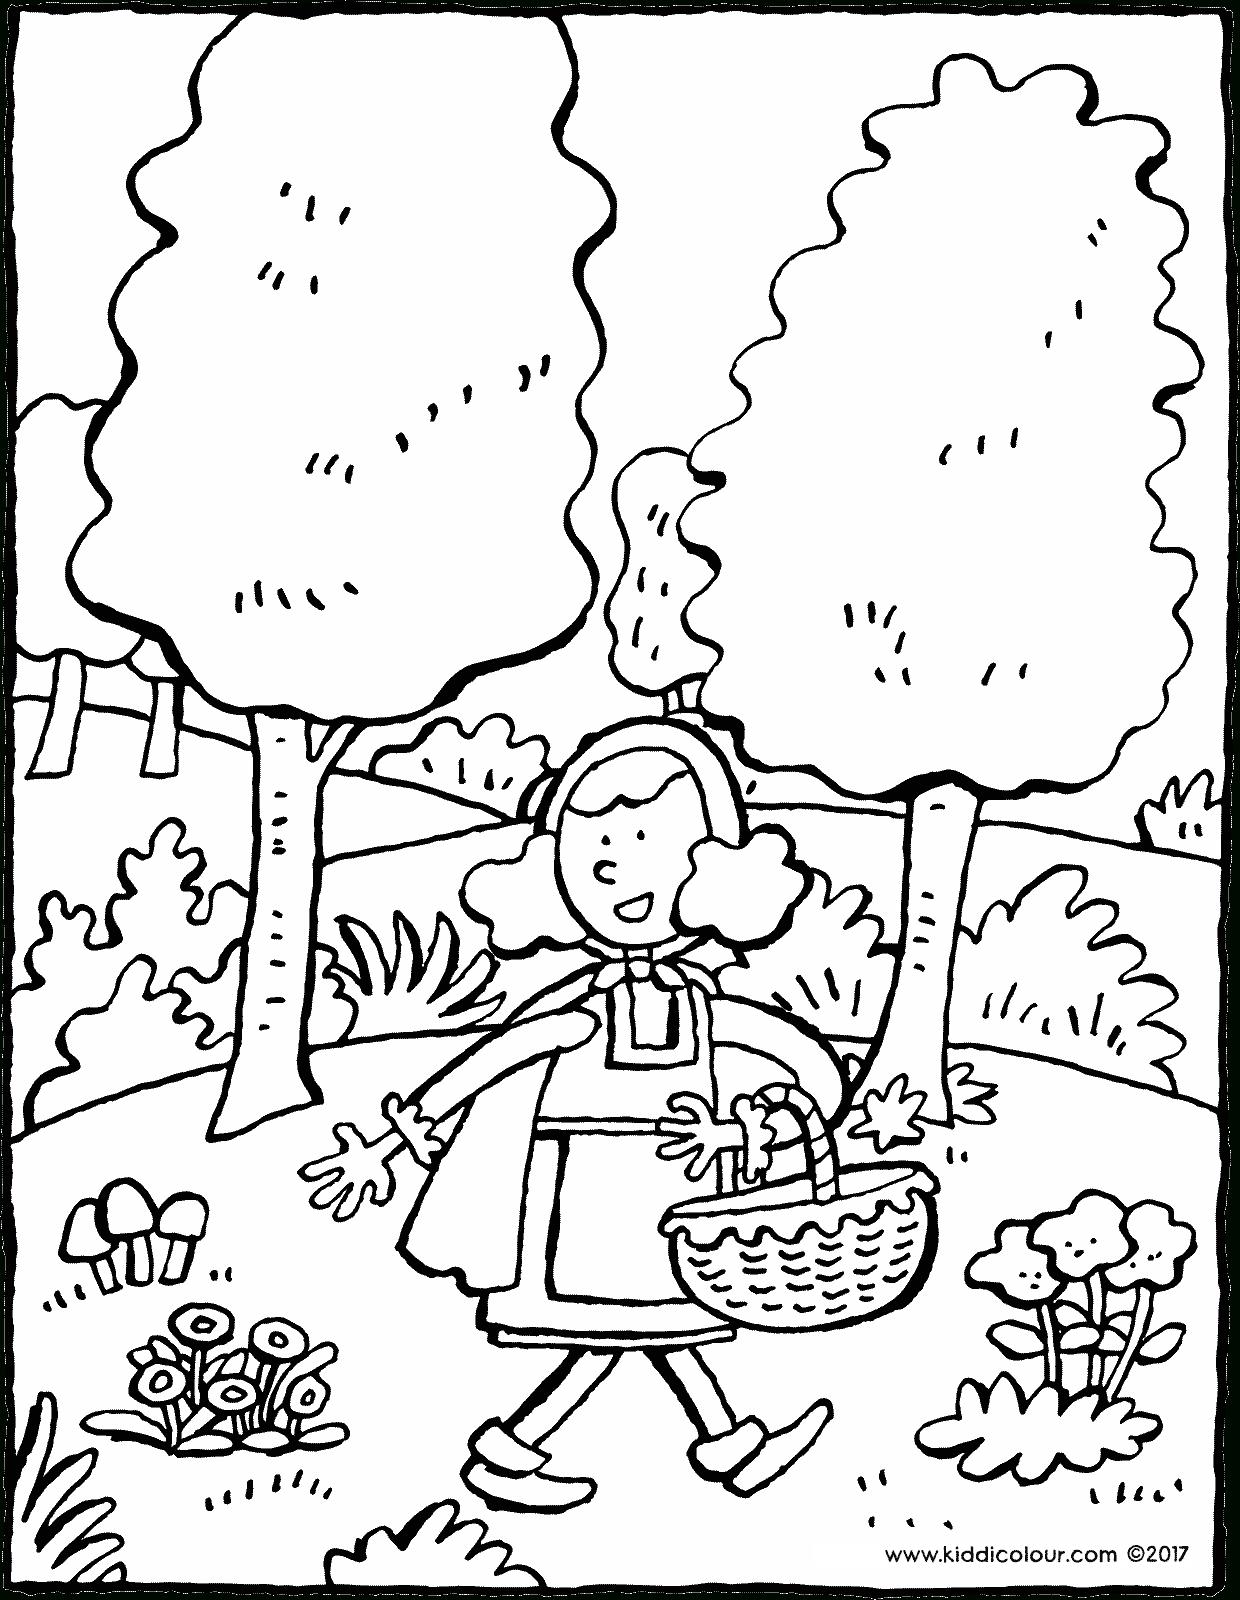 Le Petit Chaperon Rouge Dans La Forêt - Kiddicoloriage avec Dessin De Foret